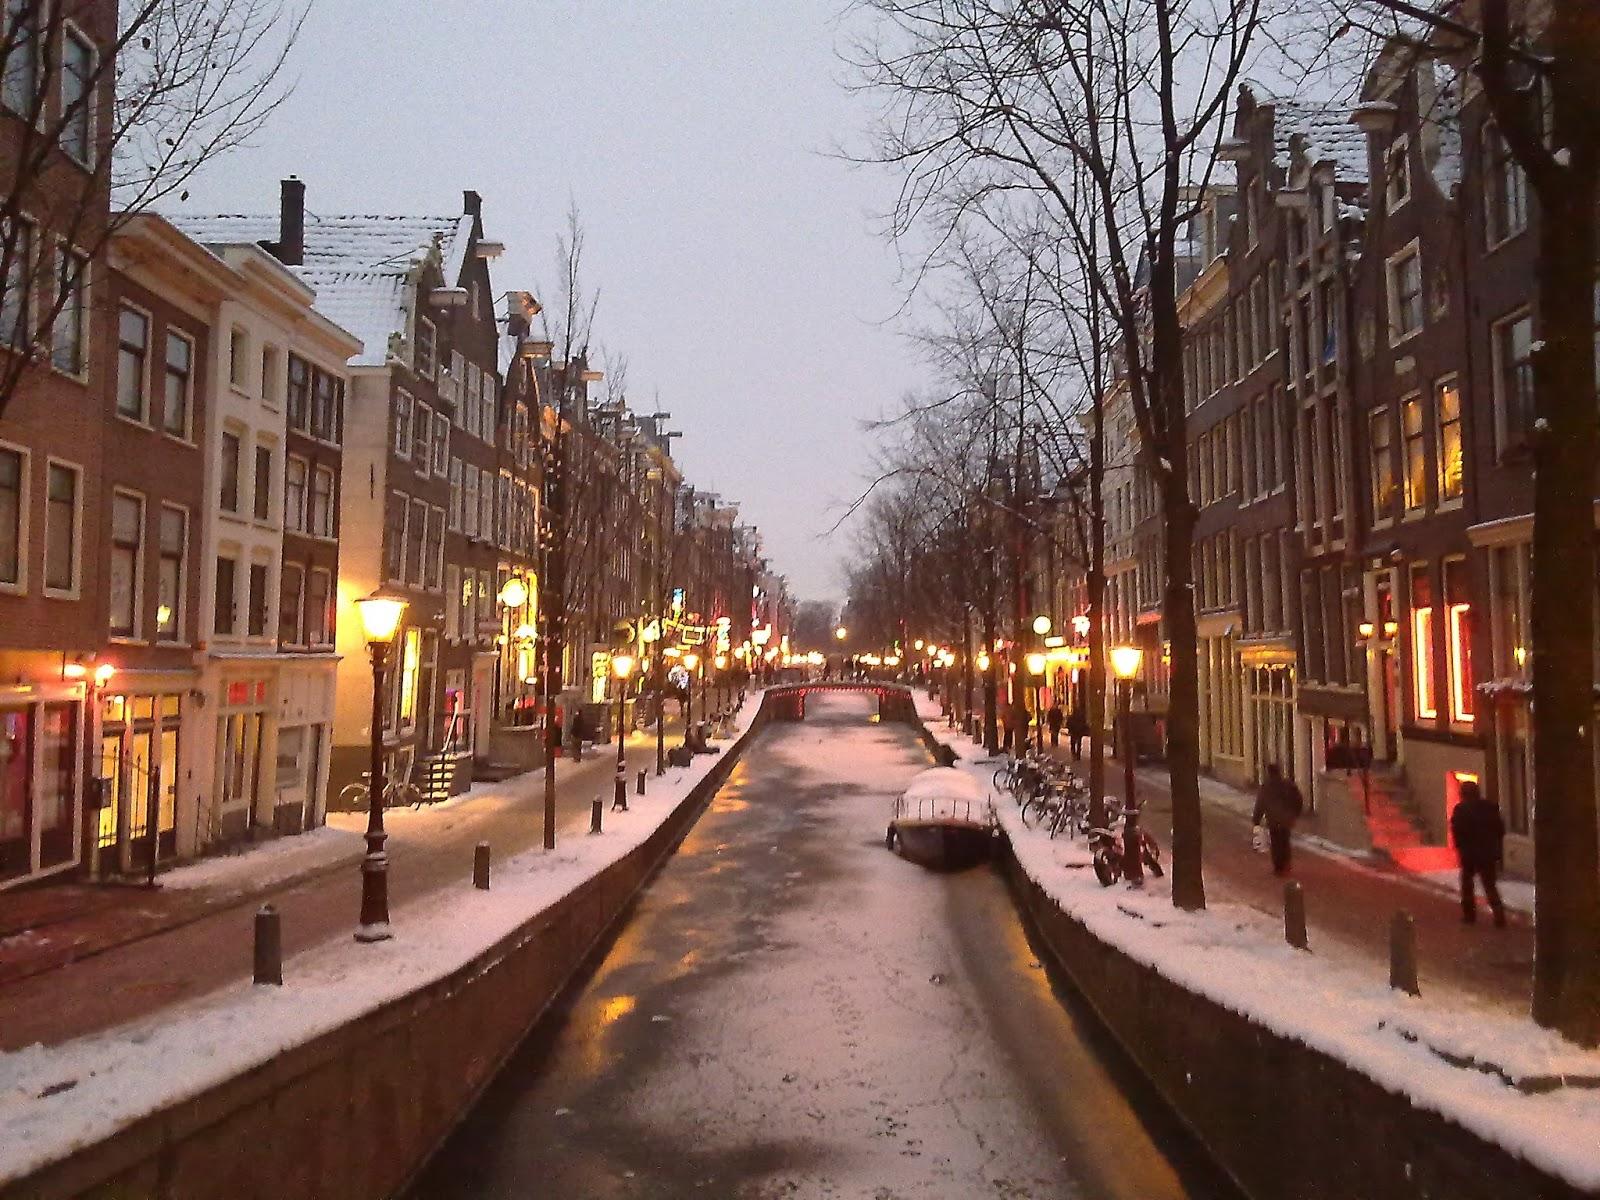 Patrimonio de la Humanidad en Europa y América del Norte. Países Bajos. Zona de los canales concéntricos del siglo XVII del Singelgracht de Amsterdam.